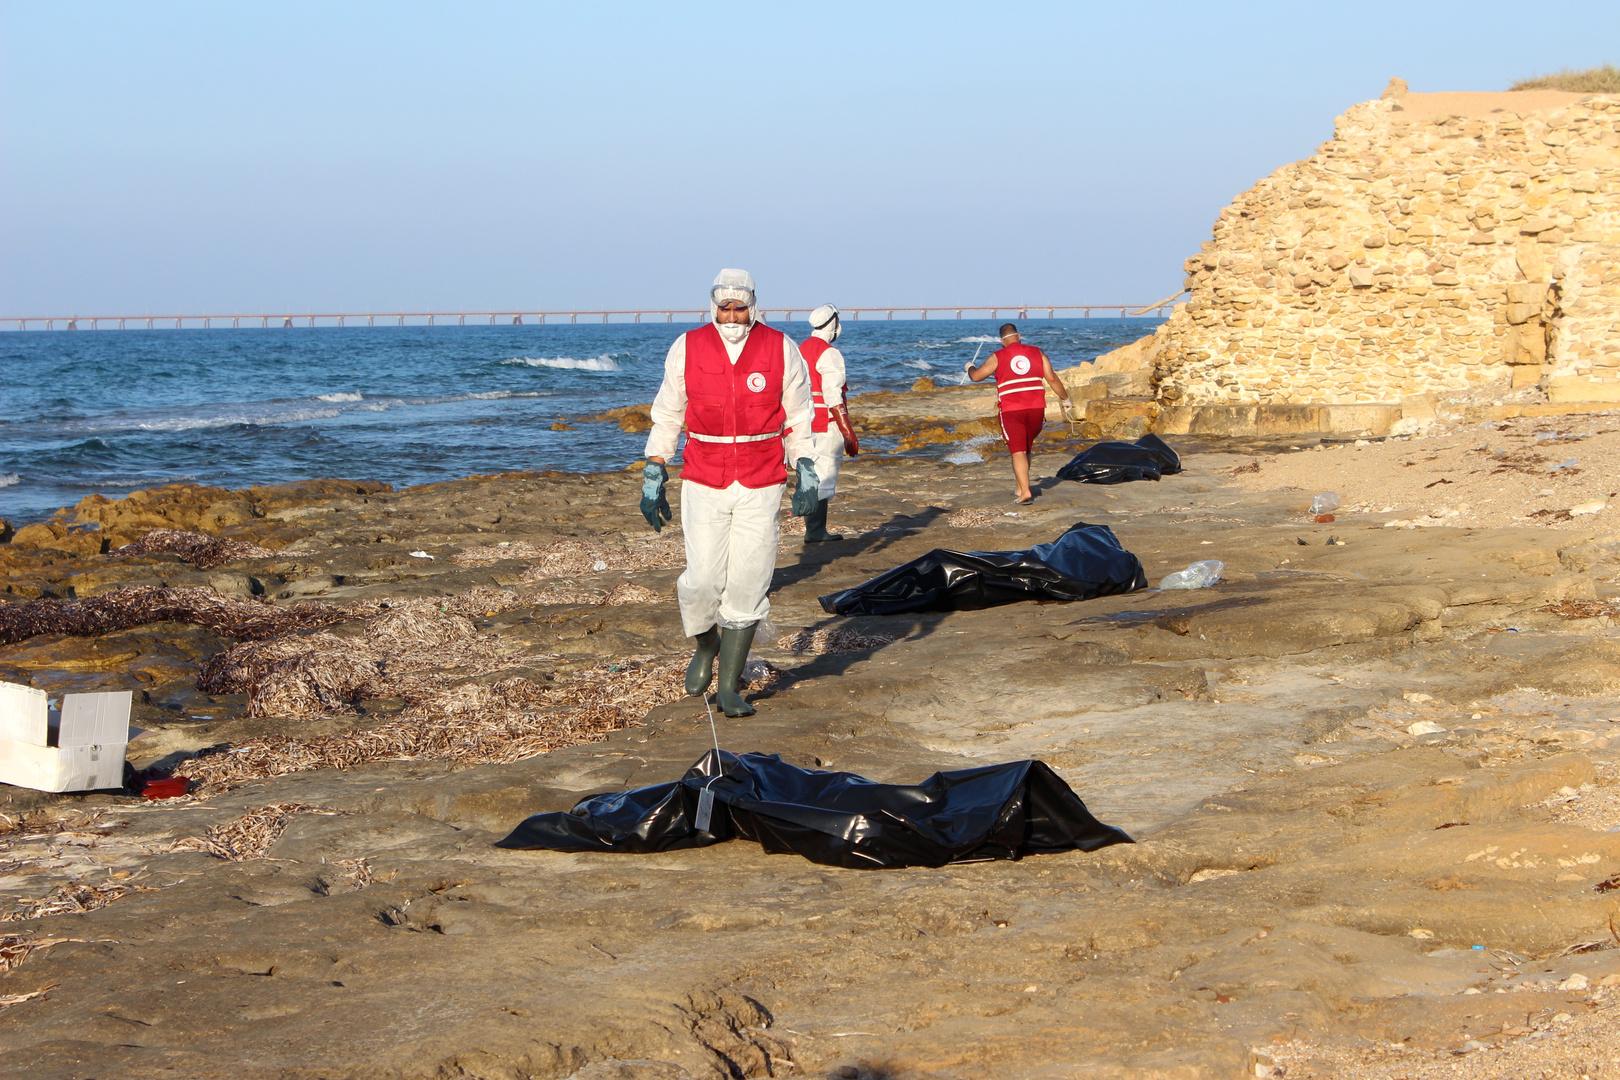 الأمم المتحدة تعلن عن ثاني حادث غرق مهاجرين قبالة ليبيا خلال يومين